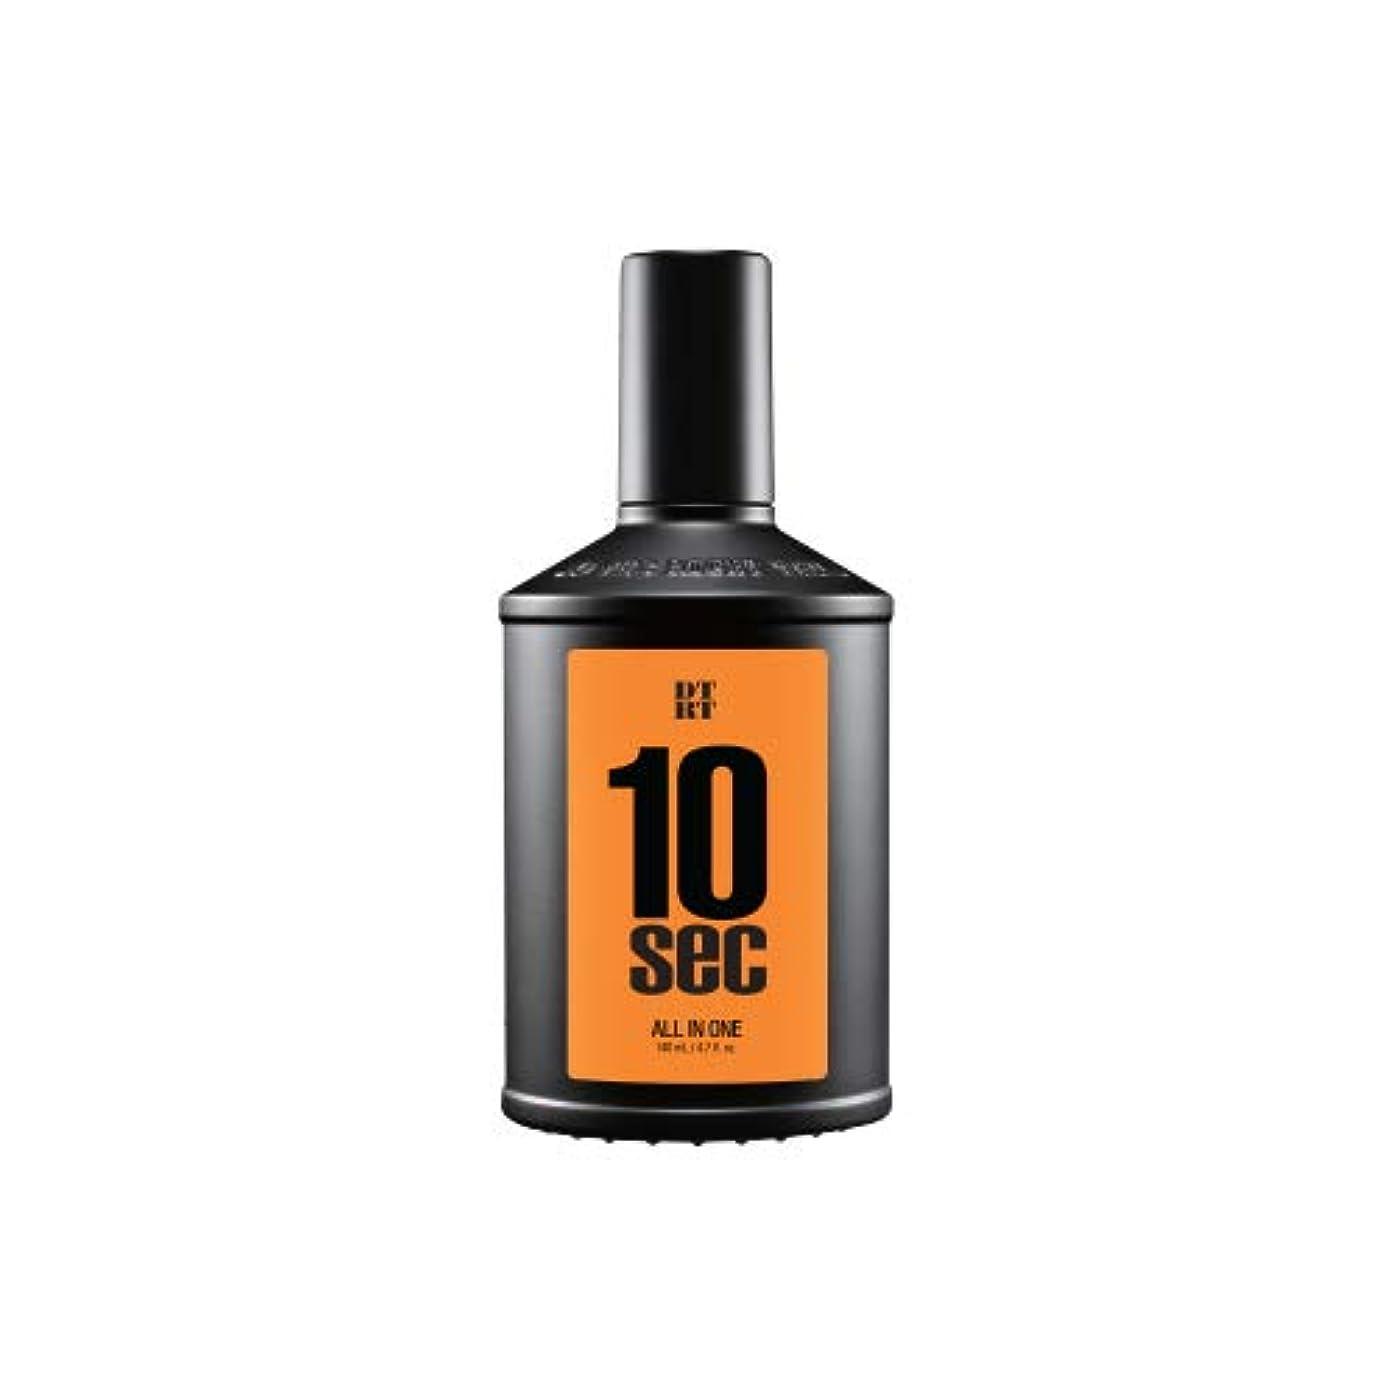 メンズコスメ DTRT オールインワン化粧水 10sec